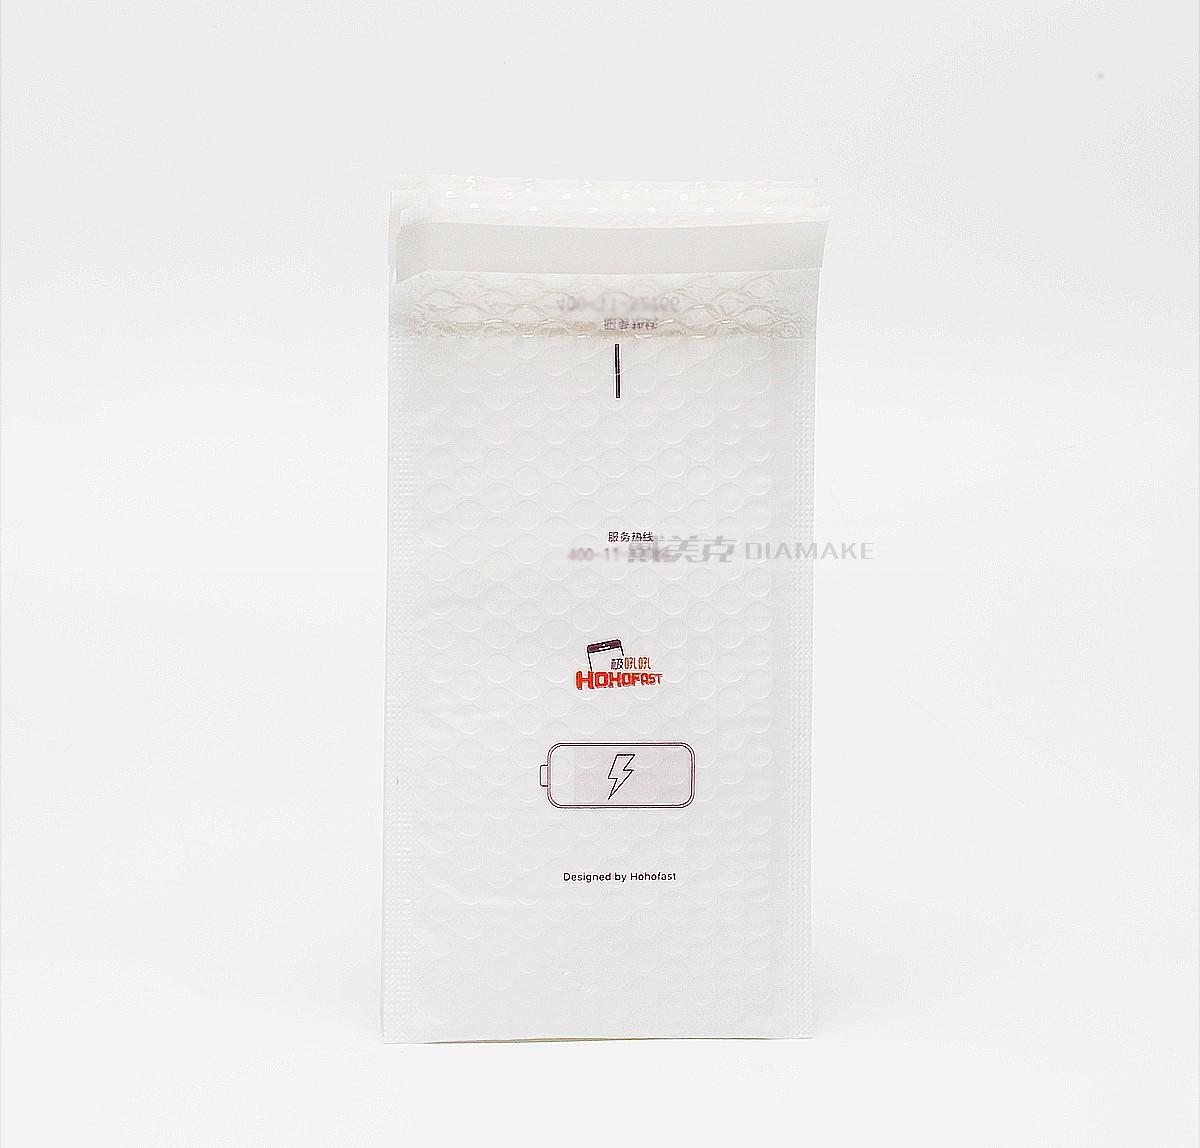 快递信封袋供应_多功能保温袋_浙江戴美克包装制品有限公司